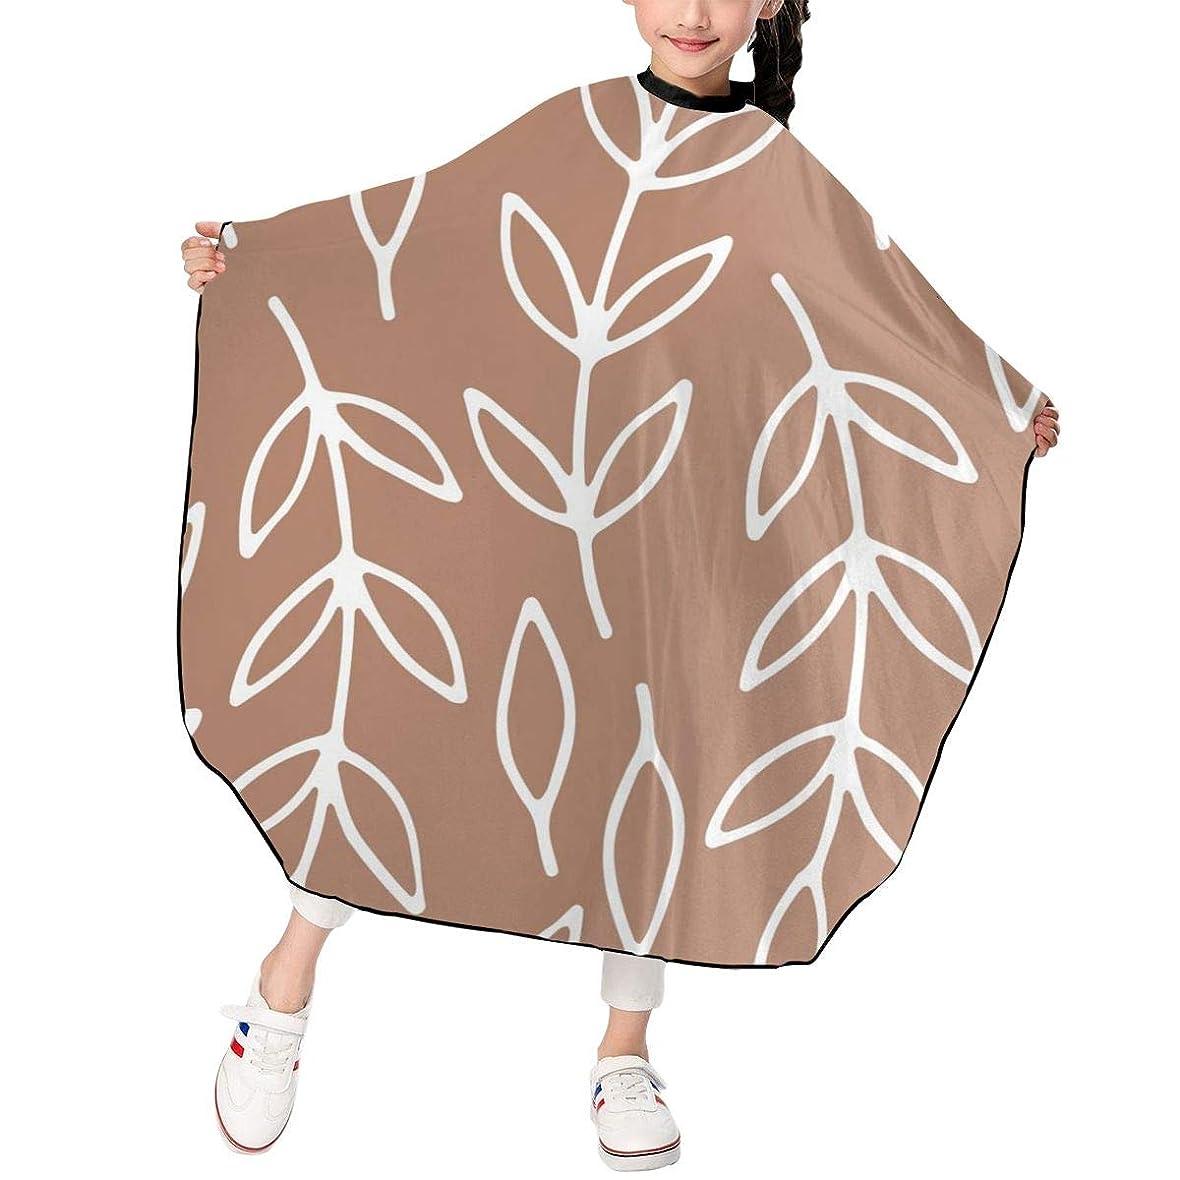 確率ベリーできればHJM-LFWQ カットケープ 散髪ケープ カットクロス スタイリング 葉 紋様 植物柄 スモック カバー ヘアカットケープ 刈布 美容室 理容室 折りたたみ式 子供用 家庭用 理髪店向け 120*100cm